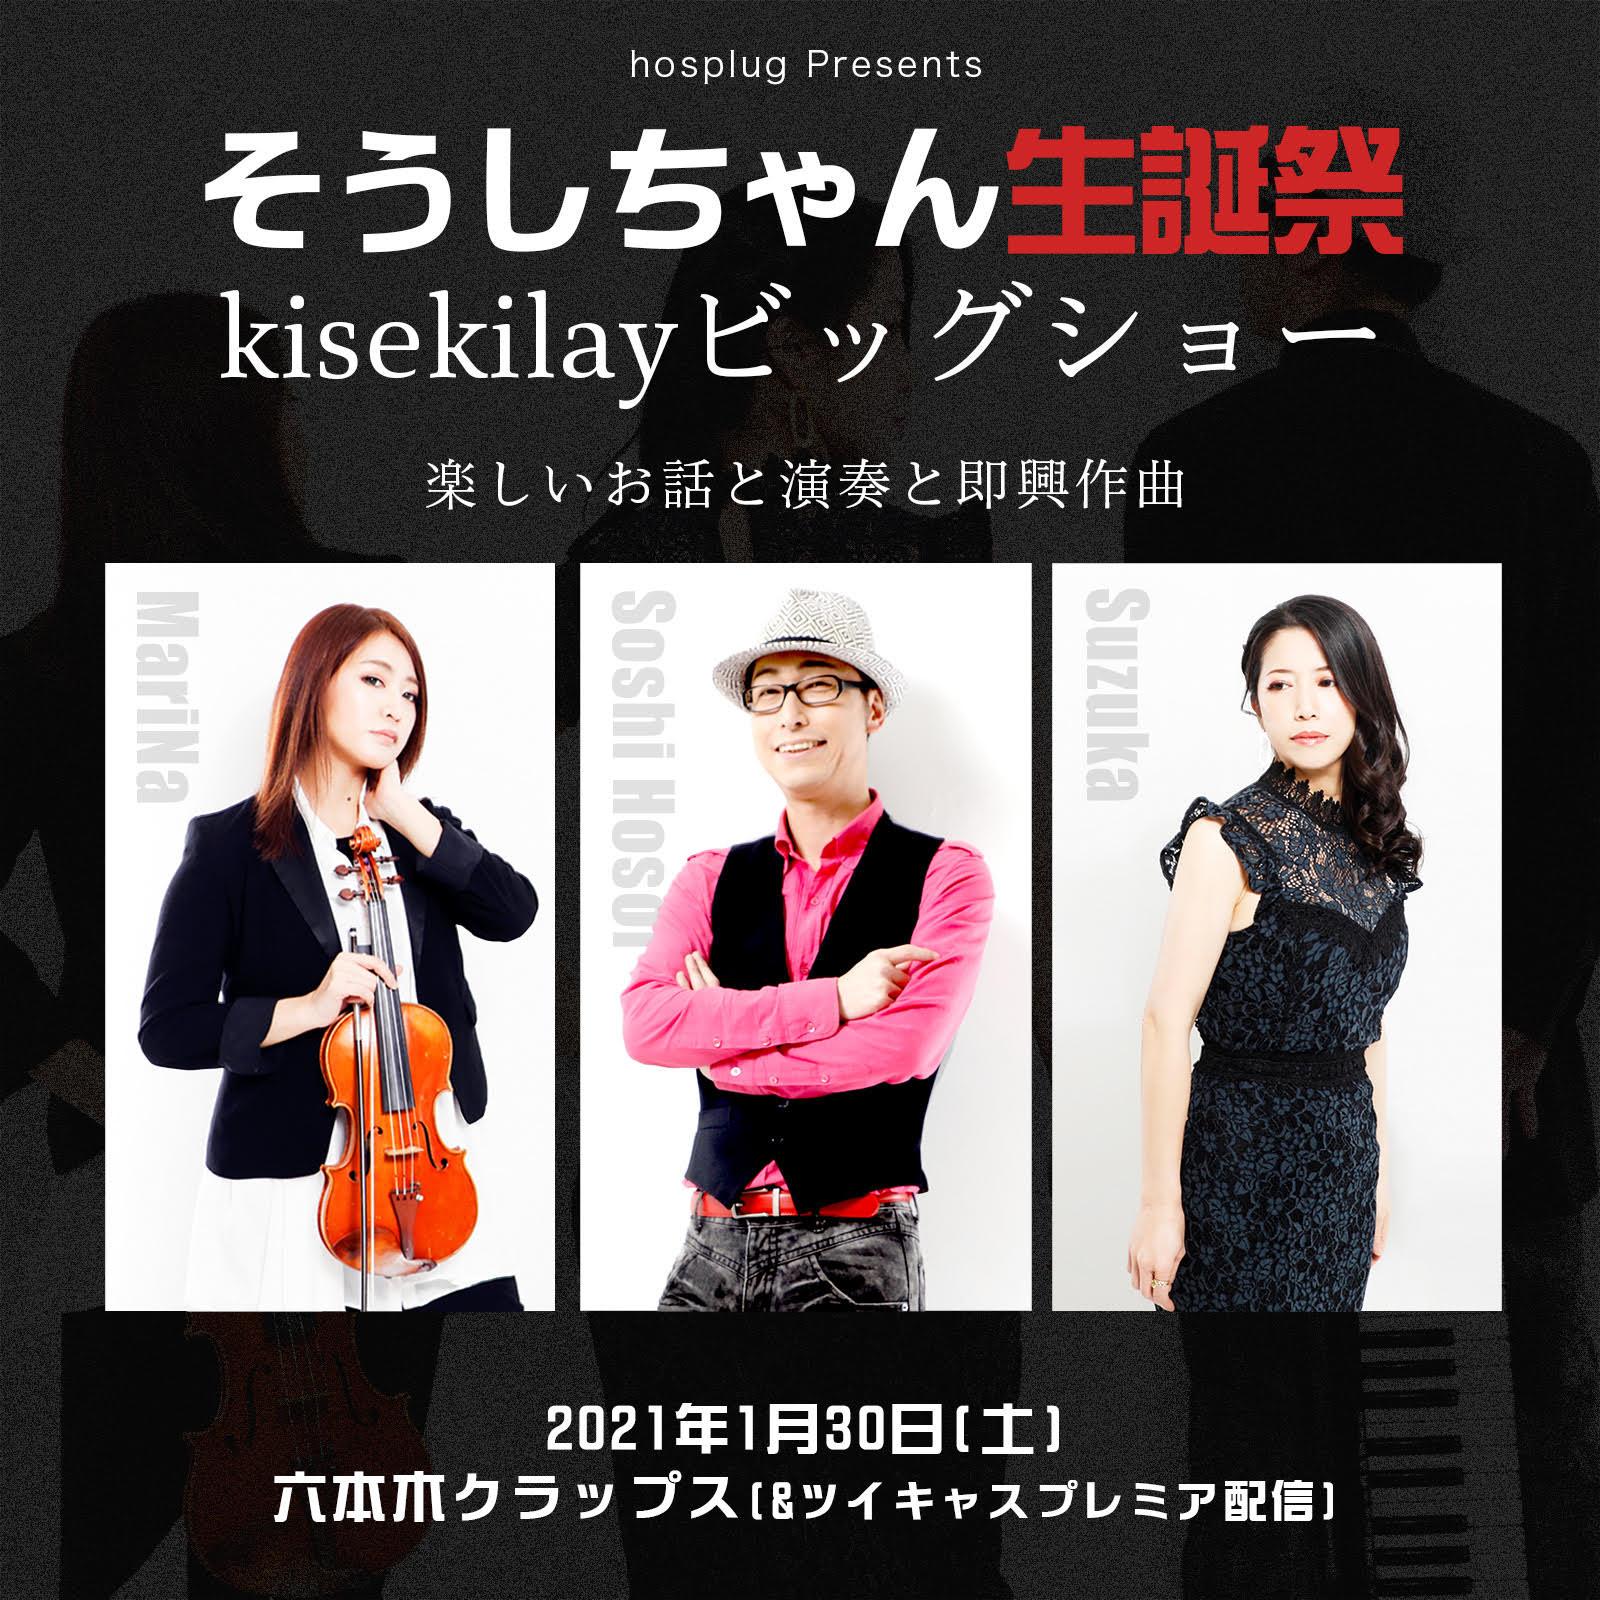 【公演延期】kisekilay